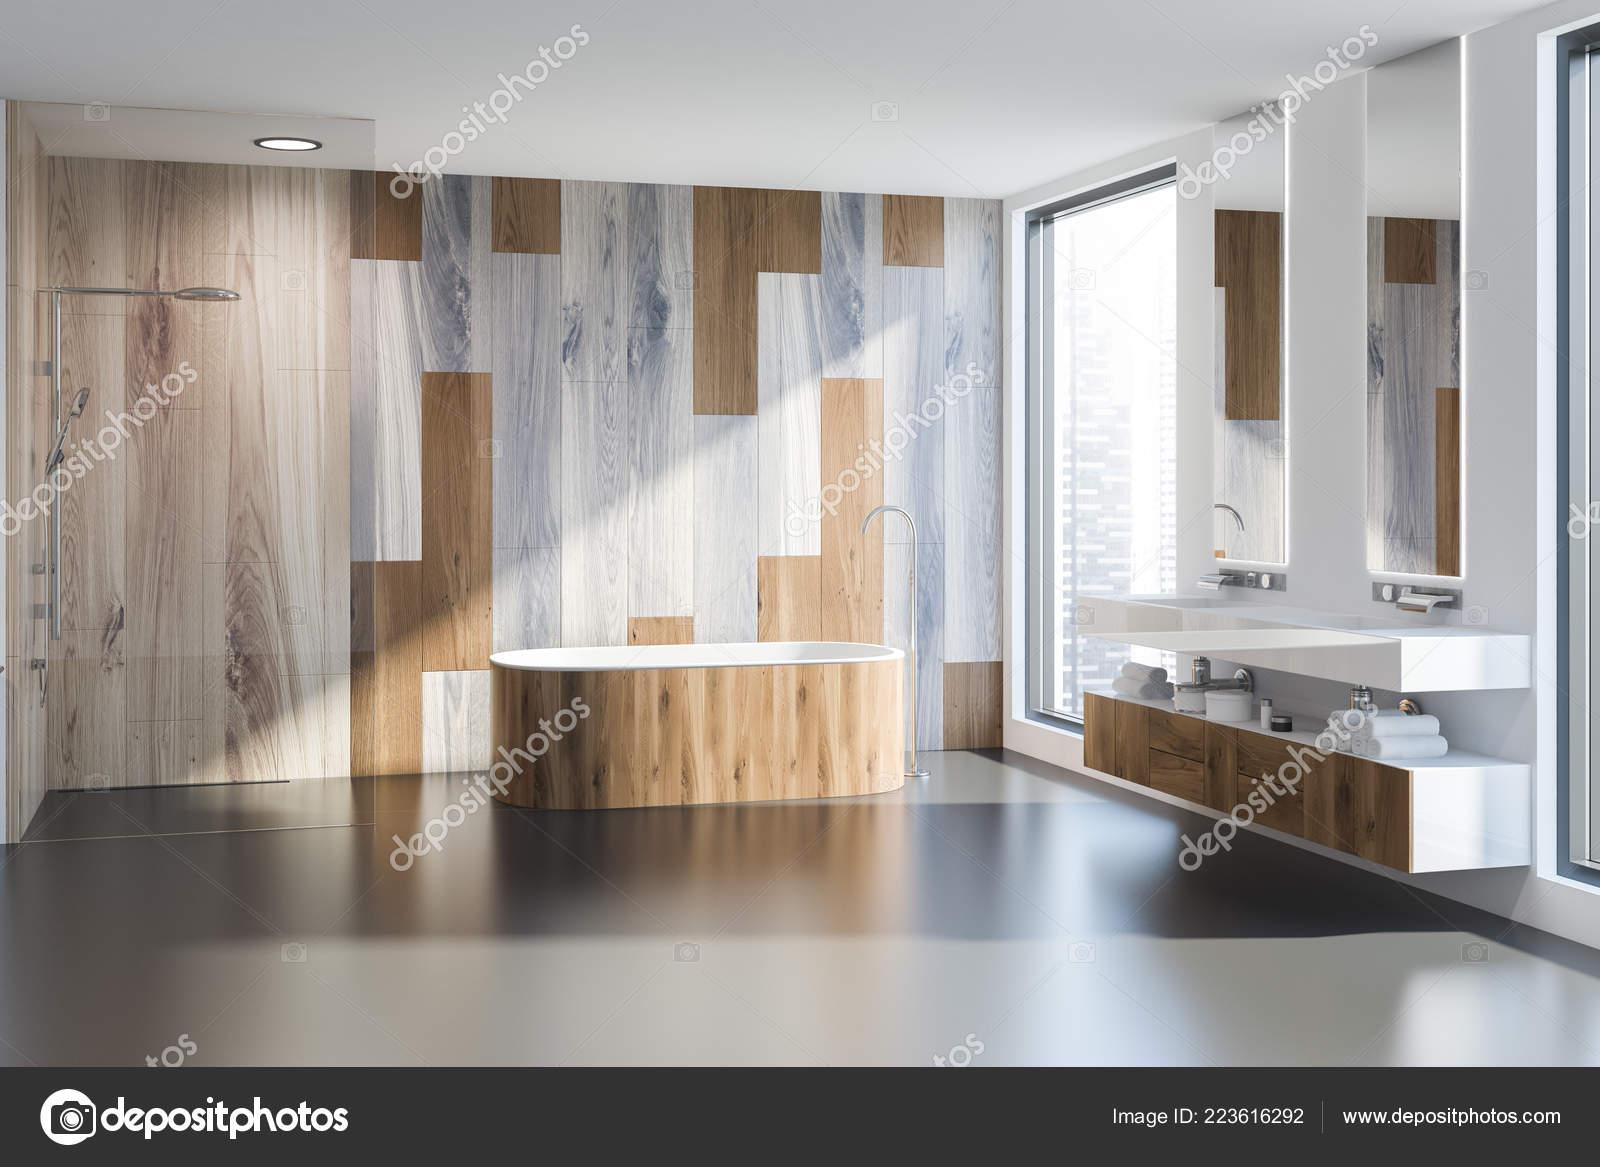 Interior Cuarto Baño Moderno Con Paredes Gris Madera Tina Madera ...